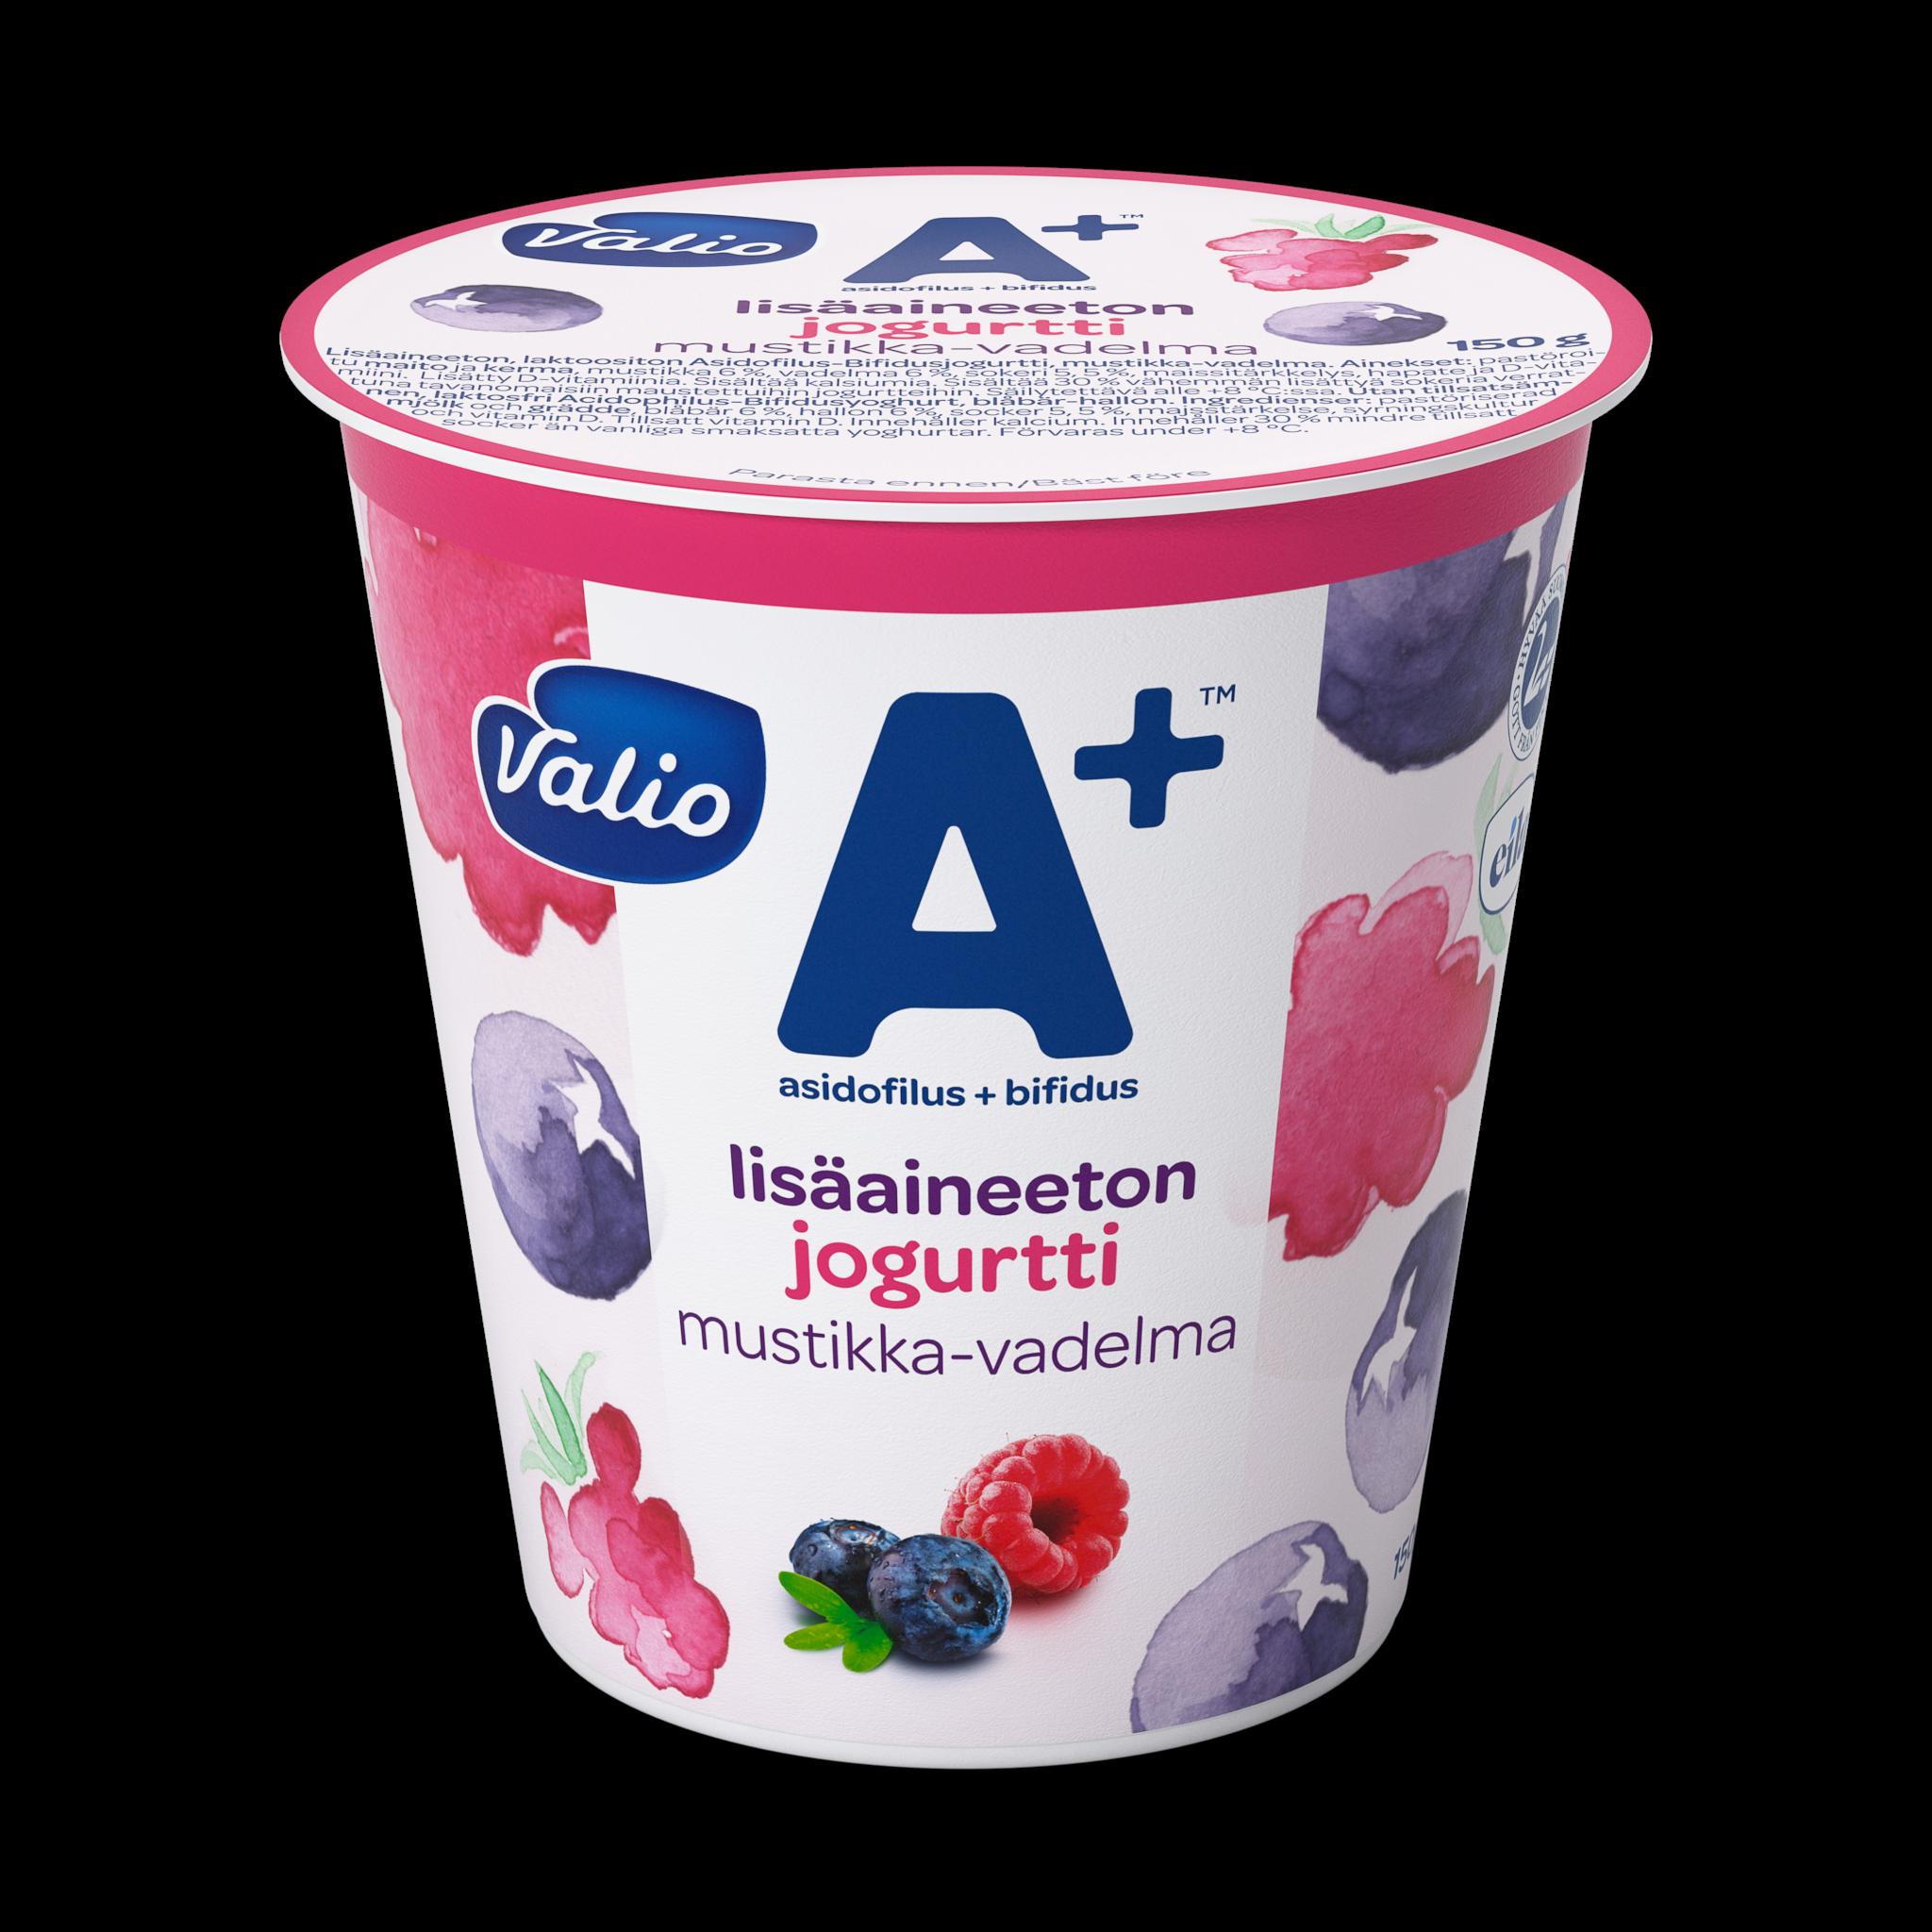 Valio A+™ lisäaineeton jogurtti mustikka-vadelma laktoositon